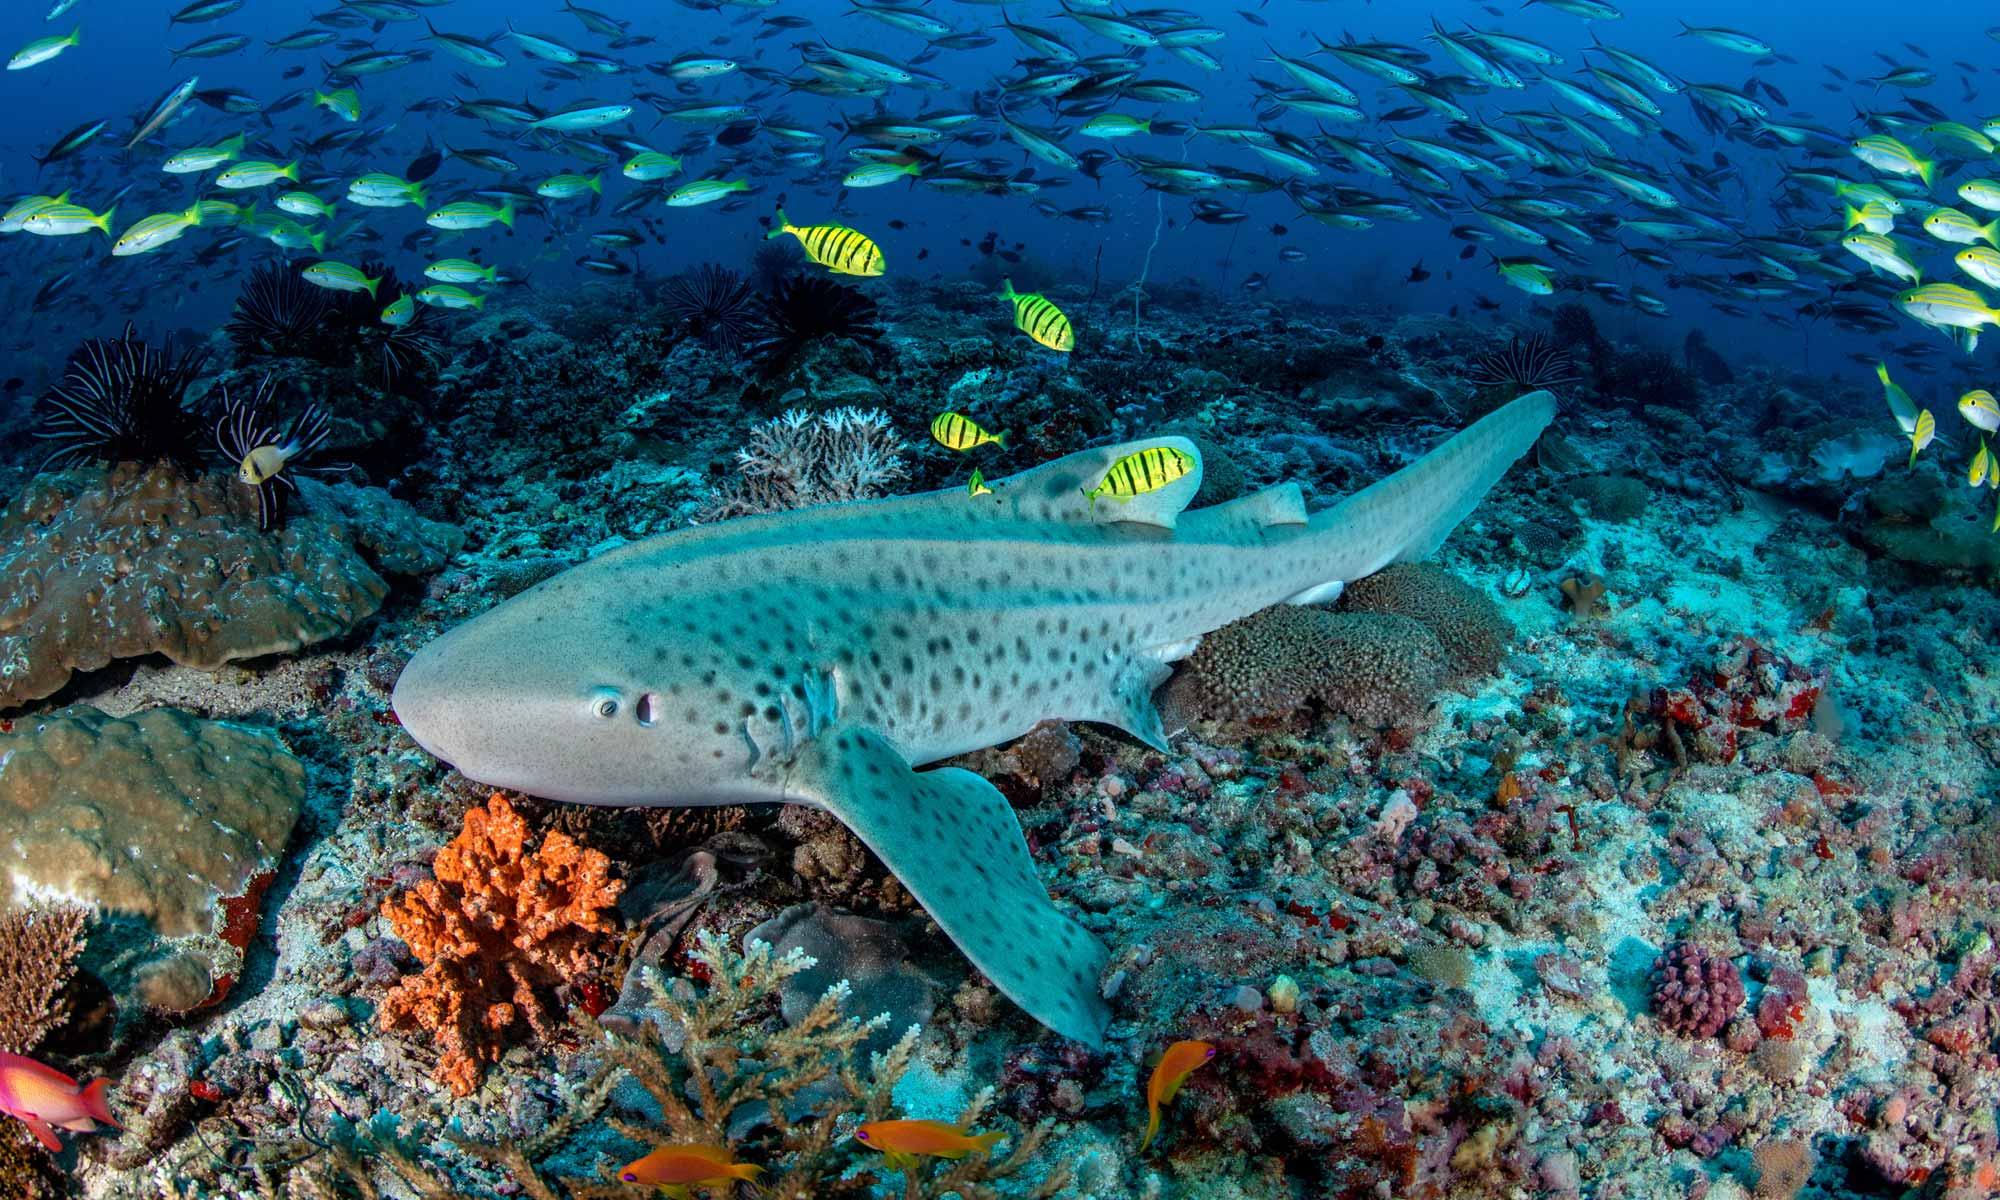 slow-dive-indischer-ozean-malediven-euro-divers-meeru-hai